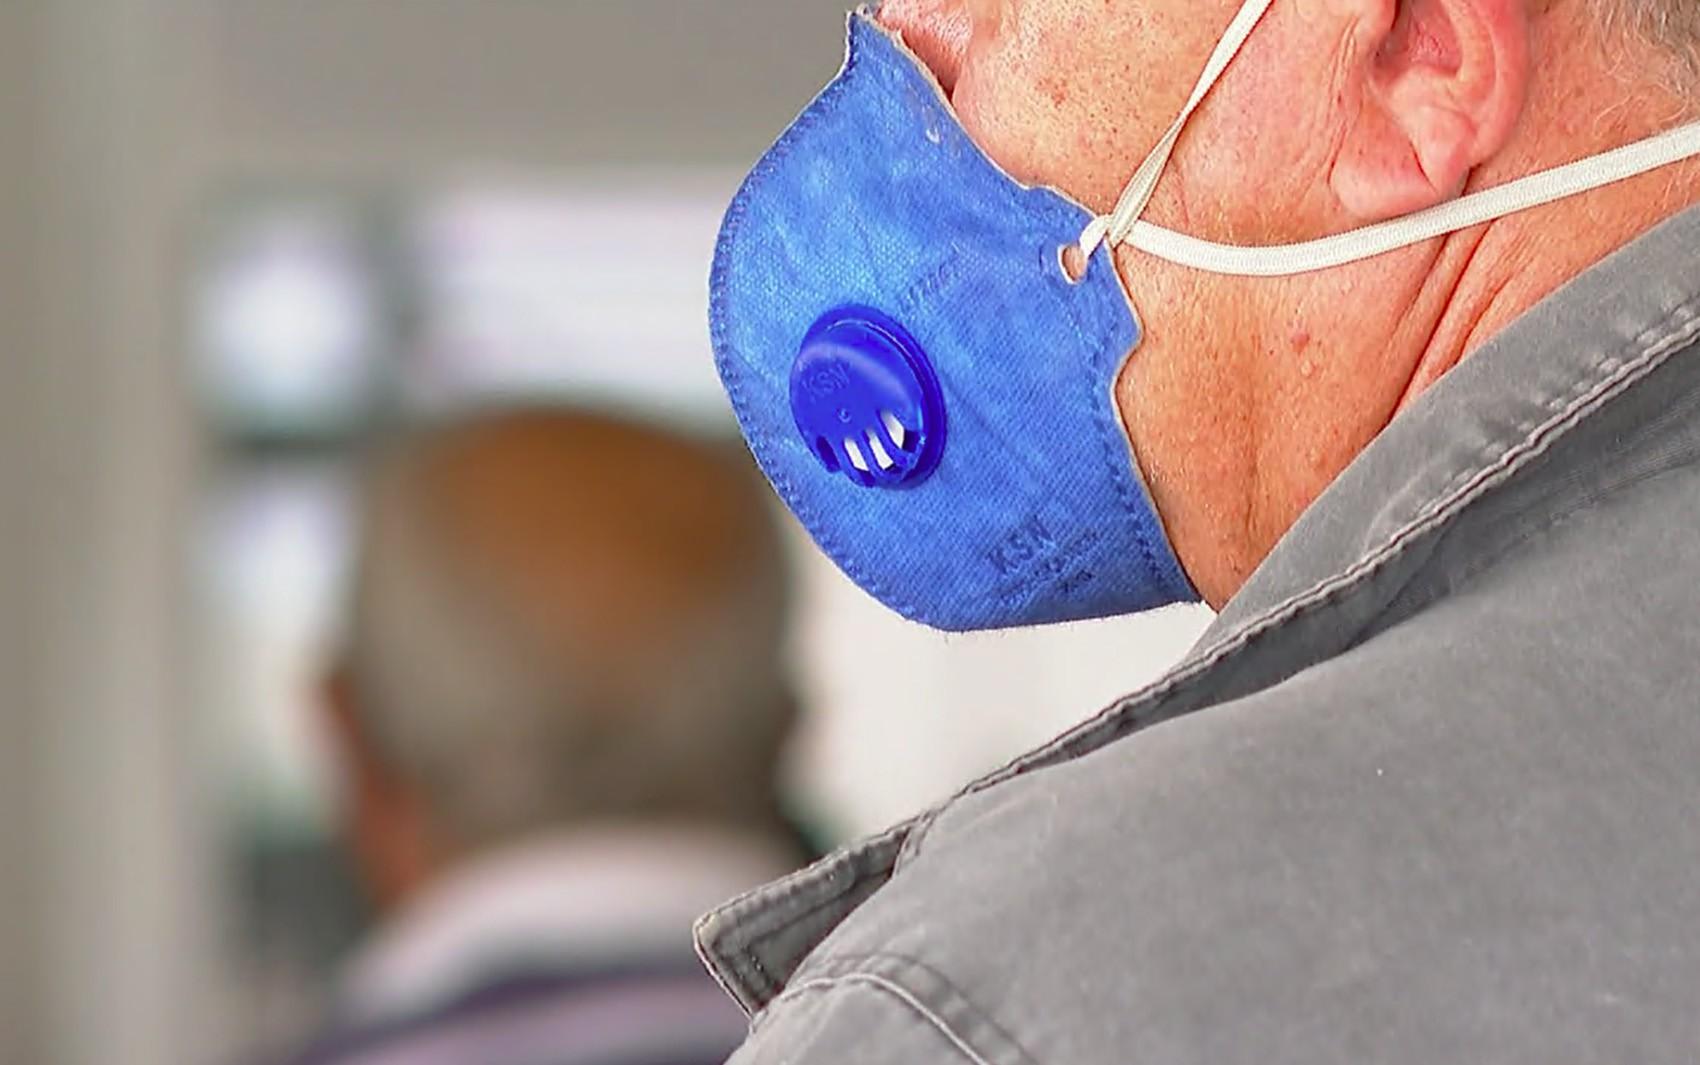 Multa para quem não usar máscaras passa a ser de quase R$ 400 em Machado, MG